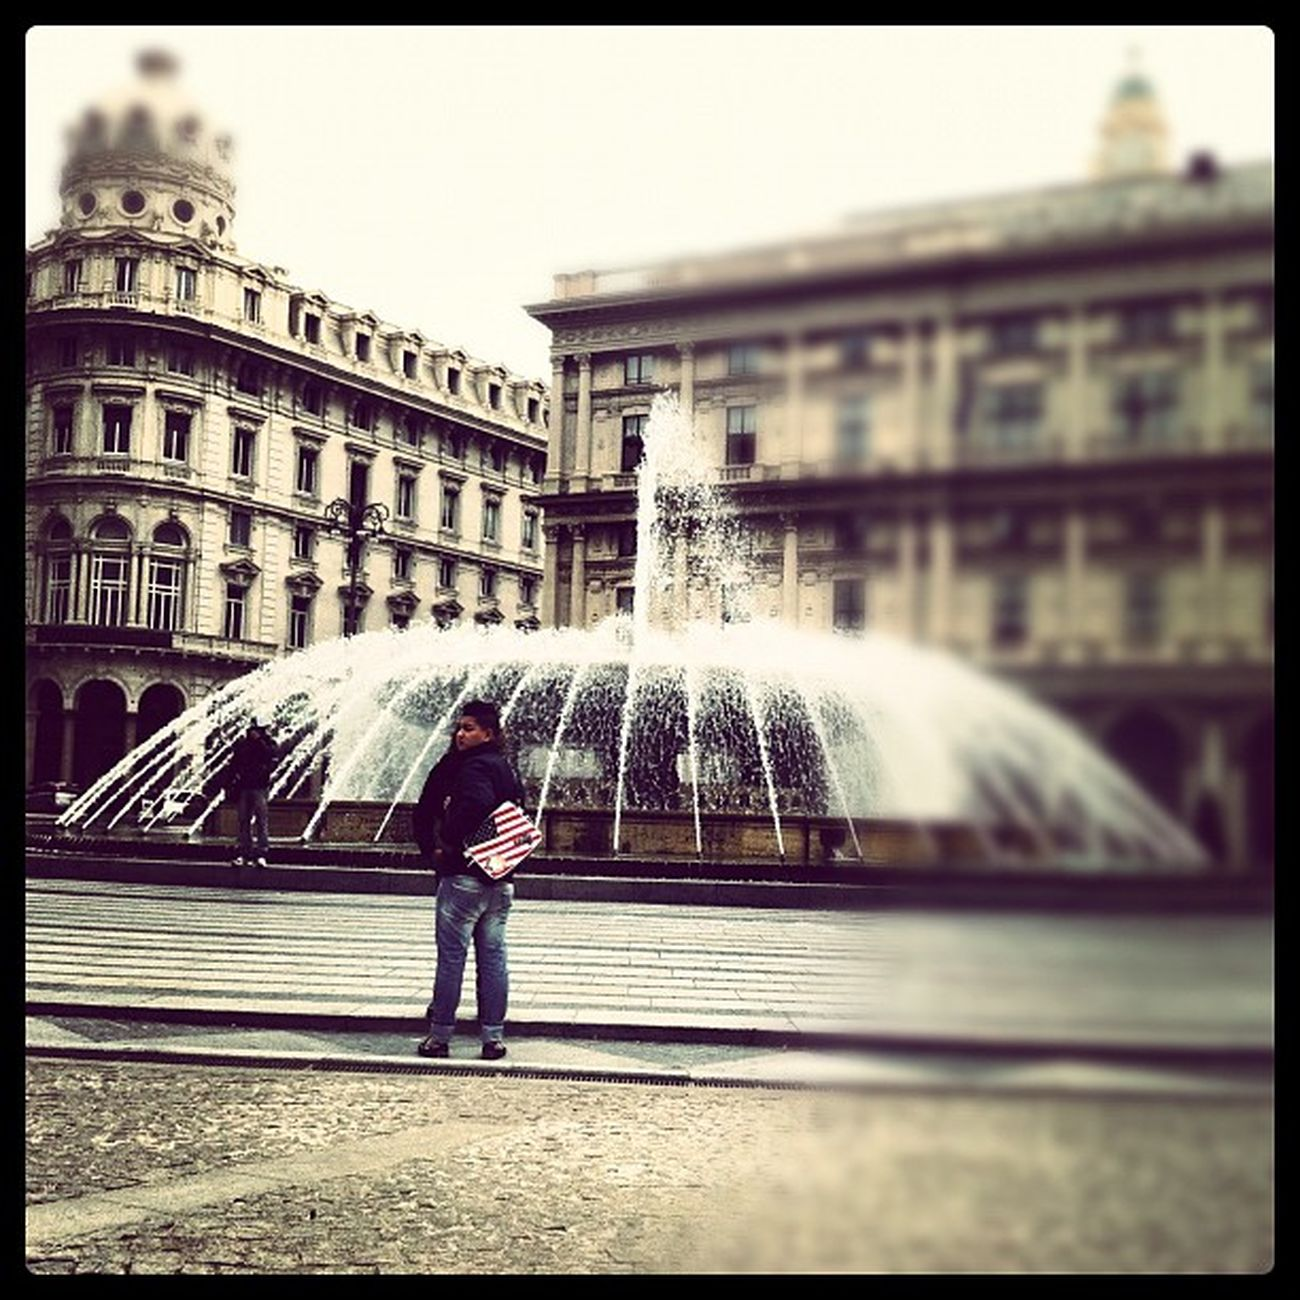 Fountain Instaily Iphonephotography Photoart Photo photography zena genova igersgenova